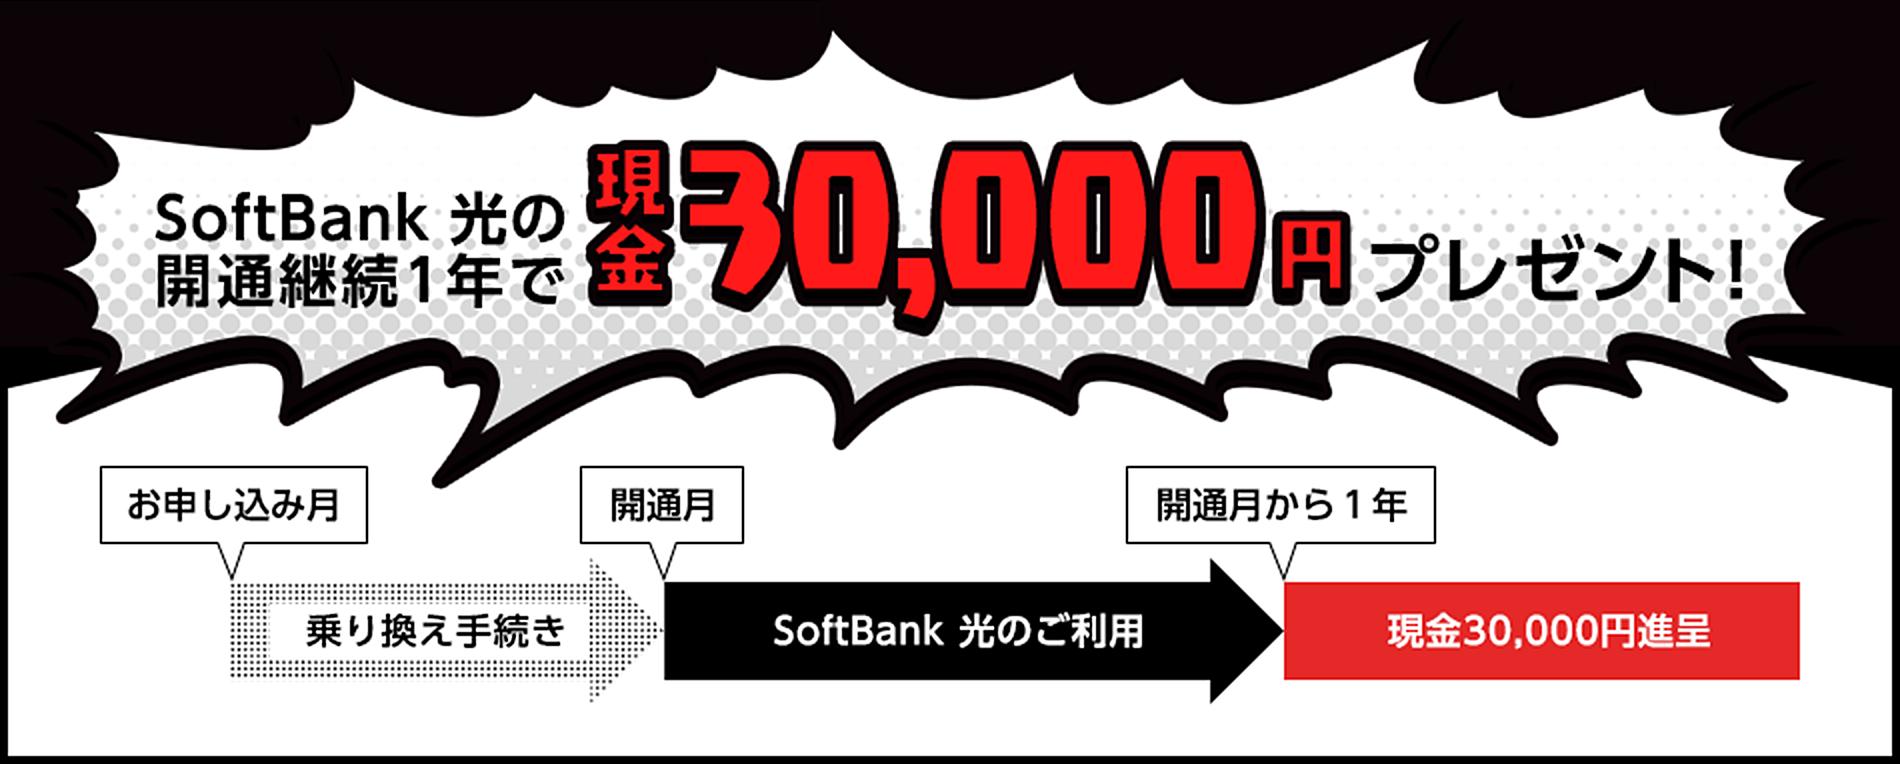 SoftBank 光の開通継続1年で現金30,000円キャッシュバック!